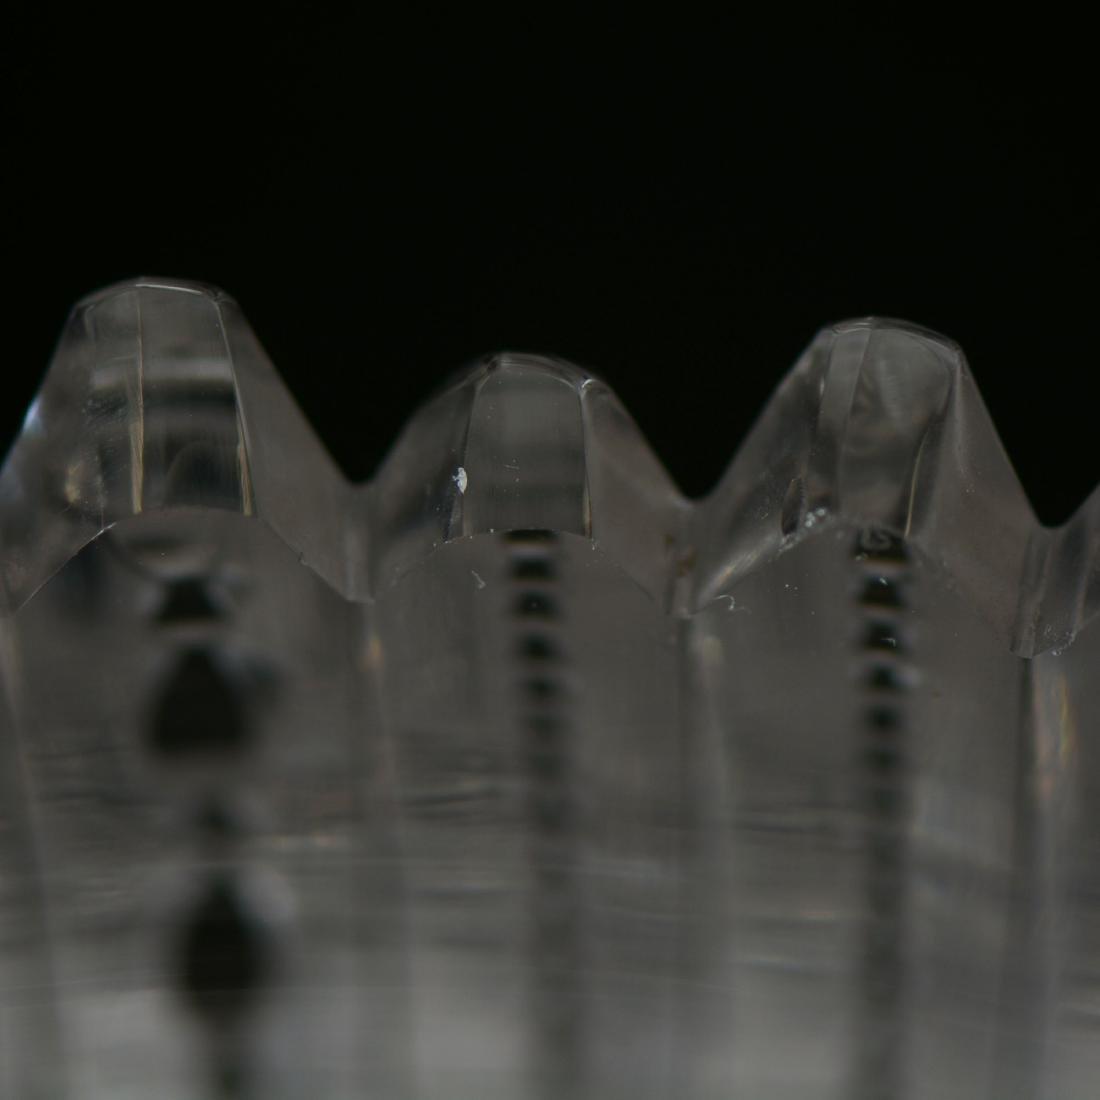 (2) Bowls, (1) Heart Pattern, (1) Prism Body - 4